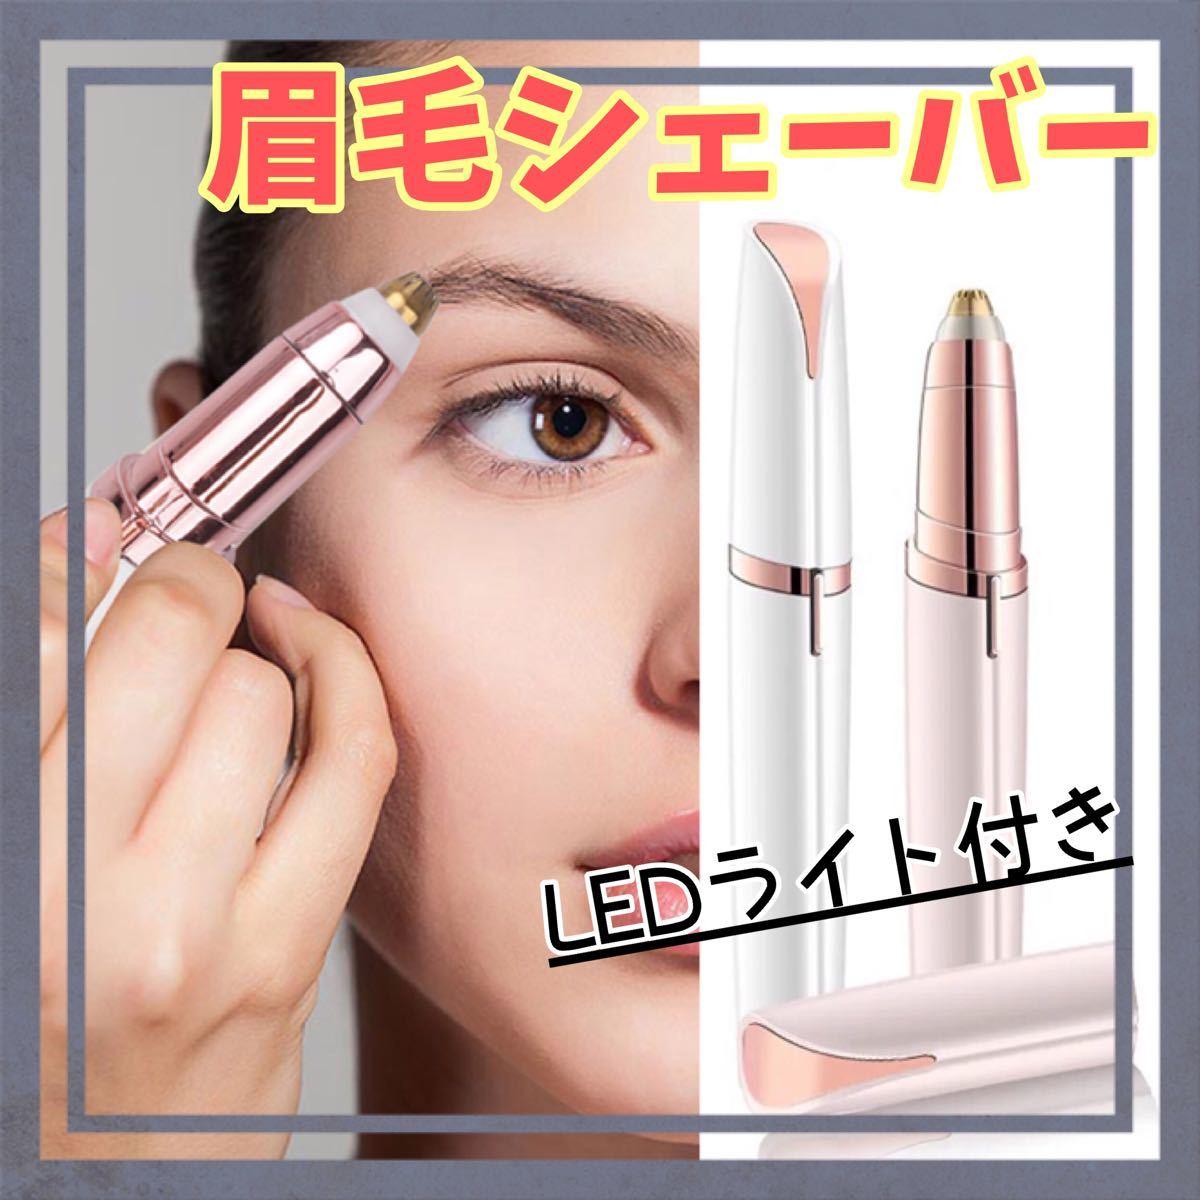 眉毛シェーバー 電気シェーバー 顔そり 電動 電池式 レディース コンパクト LED シェーバー 産毛 フェイスシェーバー 新品